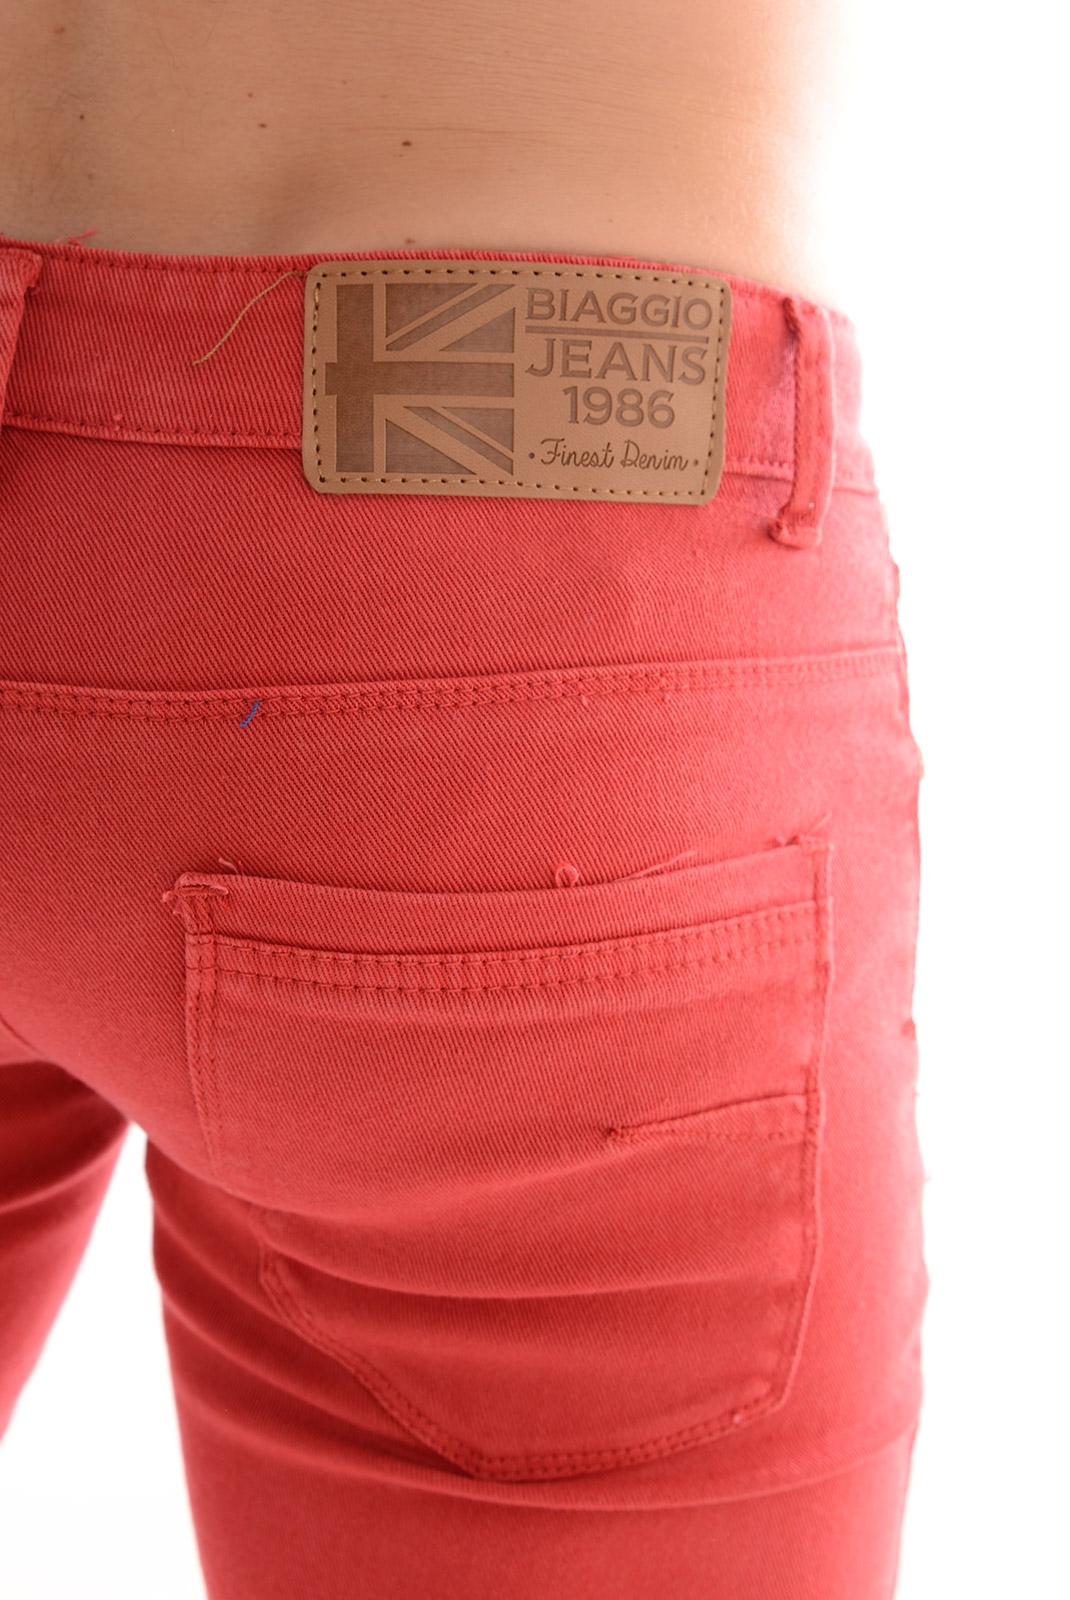 slim / skinny  Biaggio jeans DENTOR ROUGE